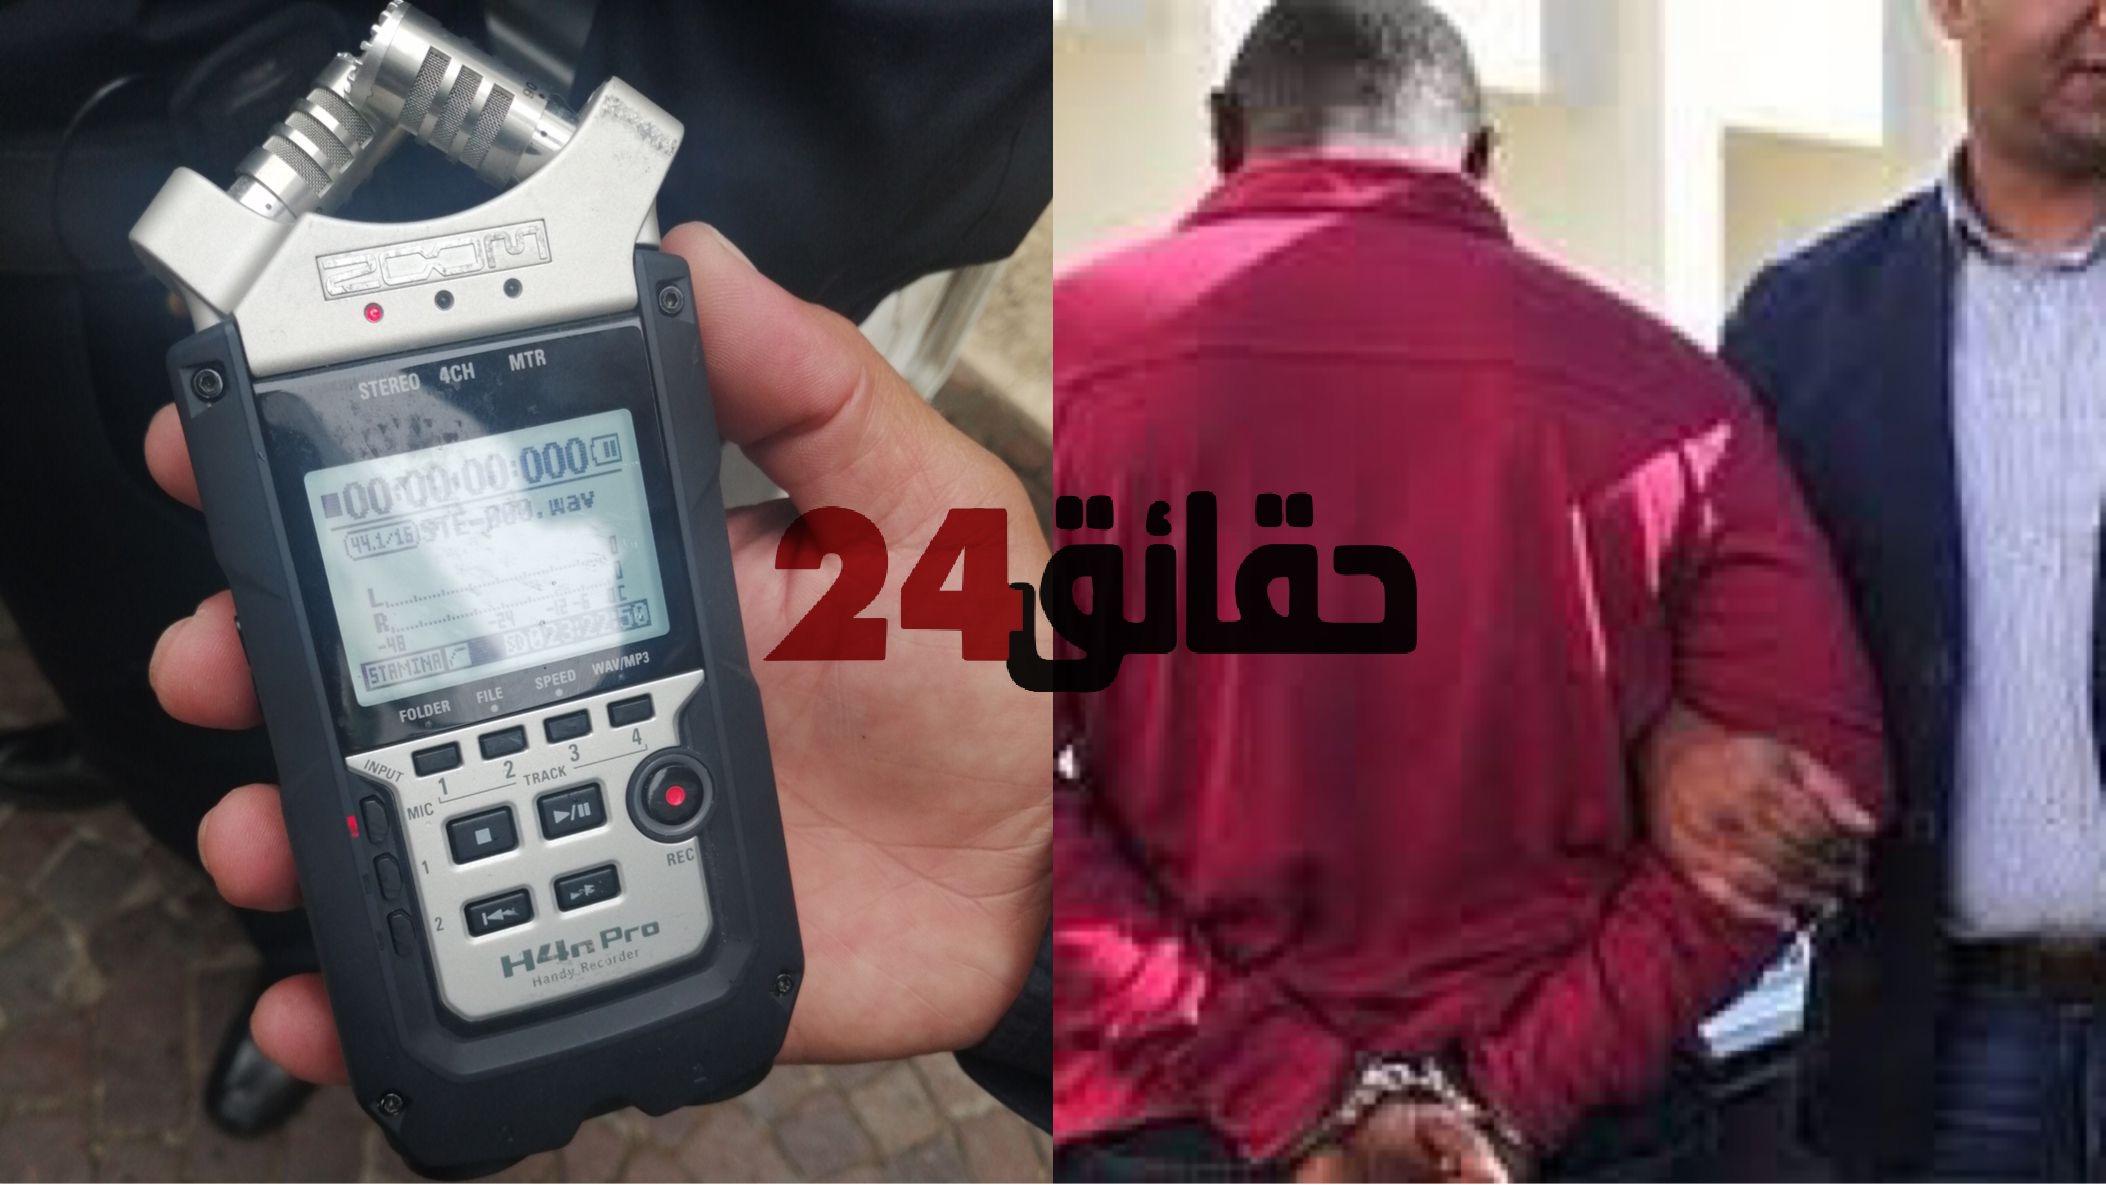 صورة حصري | توقيف مهاجر إفريقي استعمل مسدسا و جهاز تجسس عبر الاقمار الاصطناعية للتسلل إلى القنصلية الاسبانية بتطوان